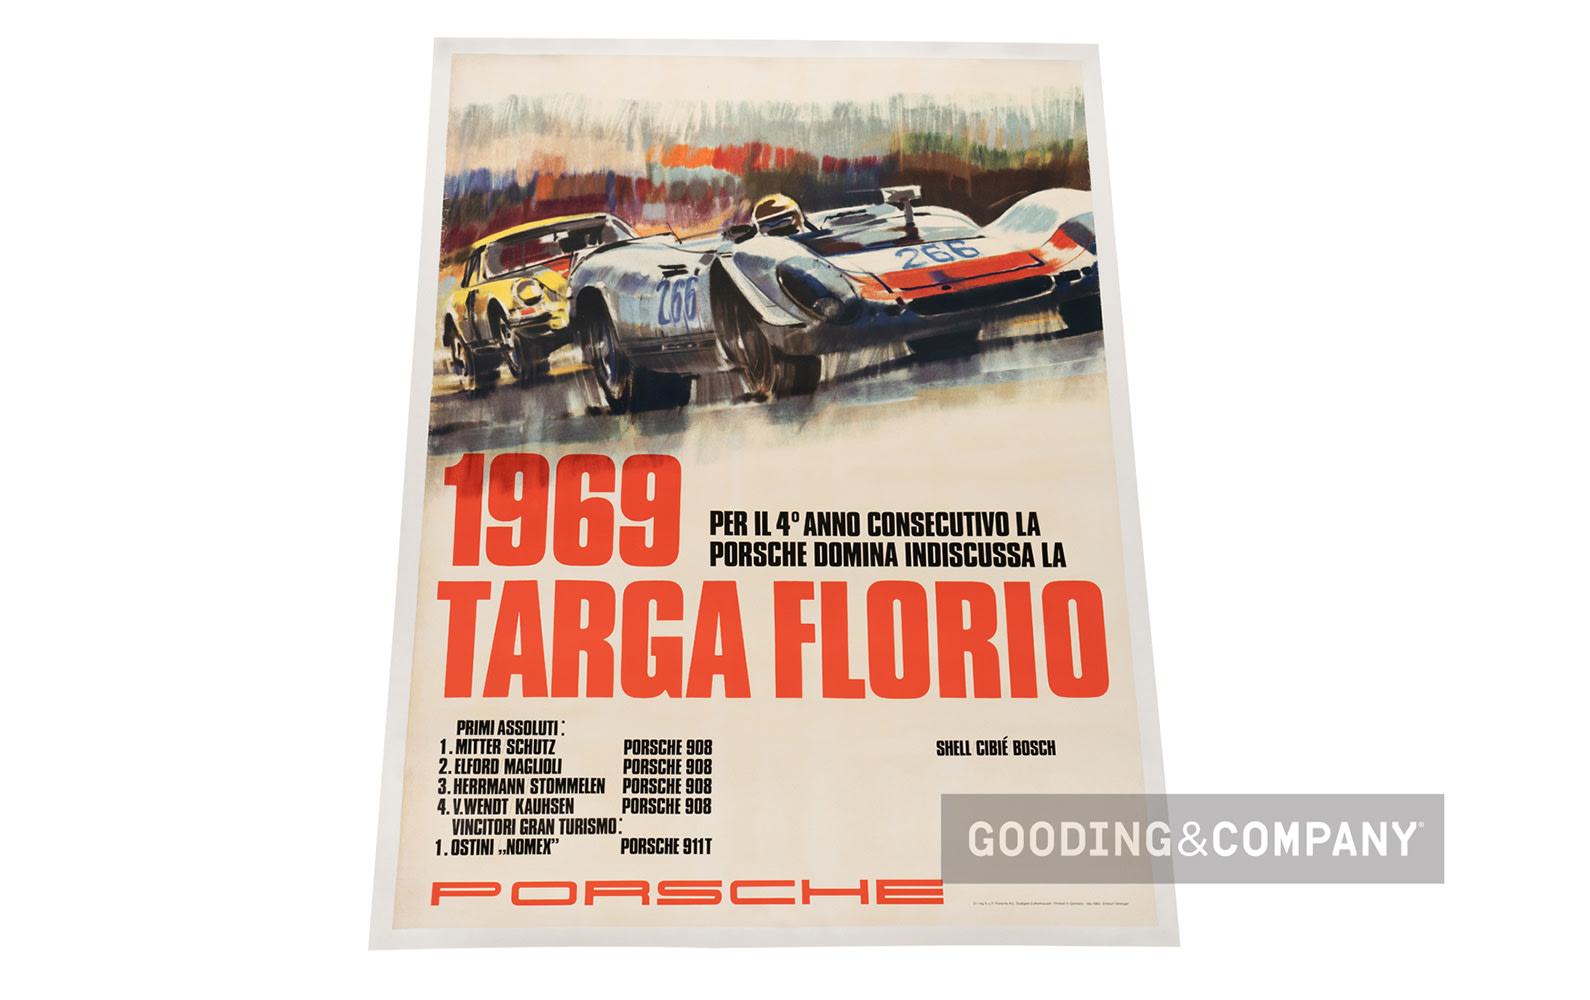 1969 Targa Florio Poster